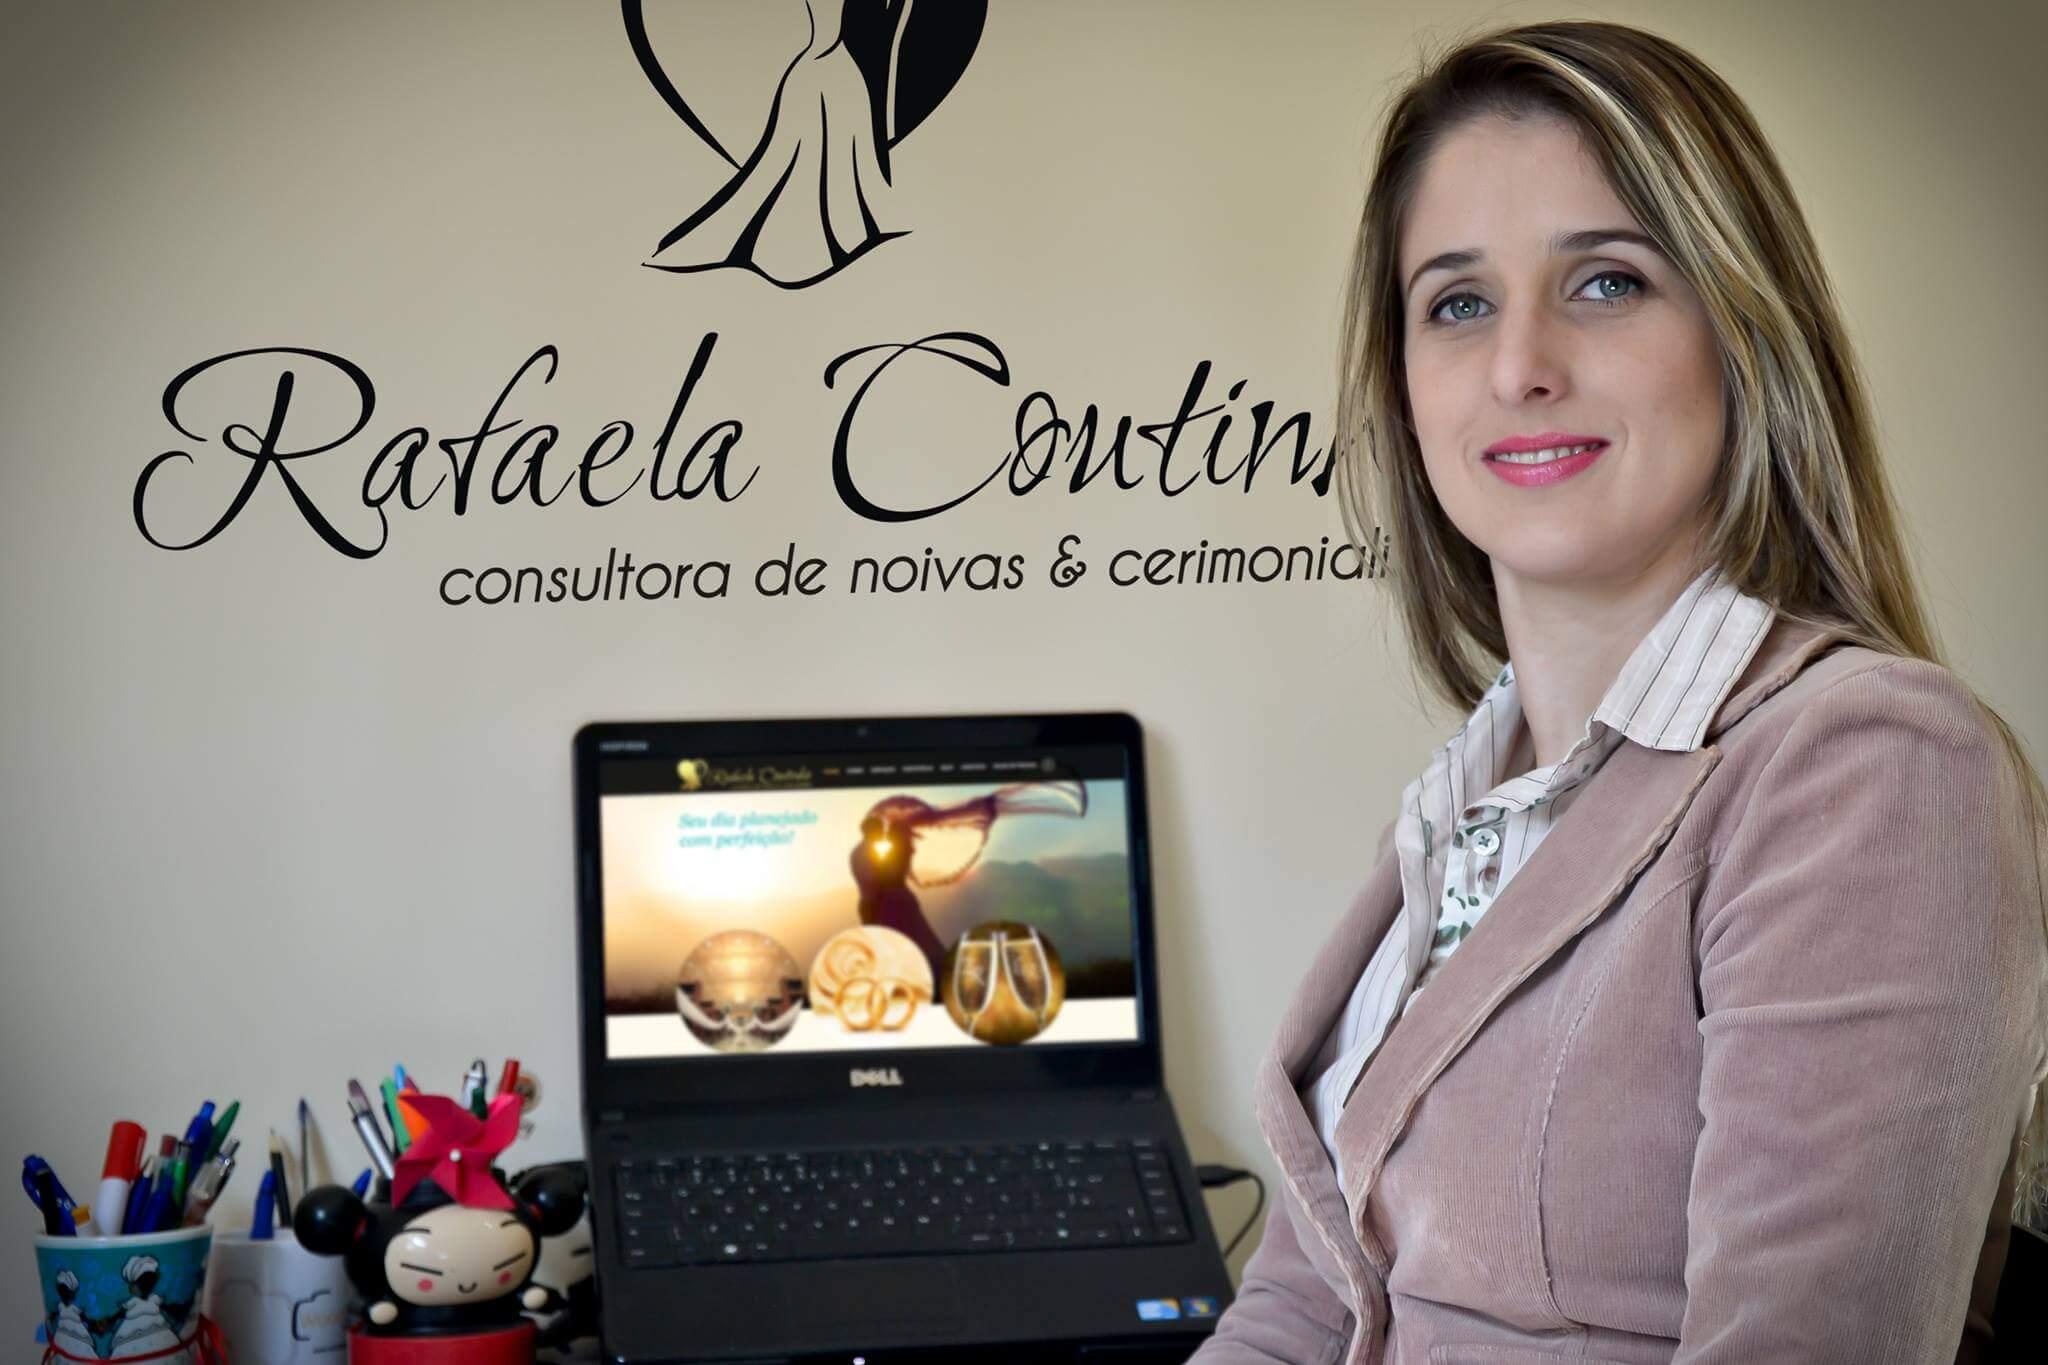 Rafaela Coutinho (Foto: Divulgação)